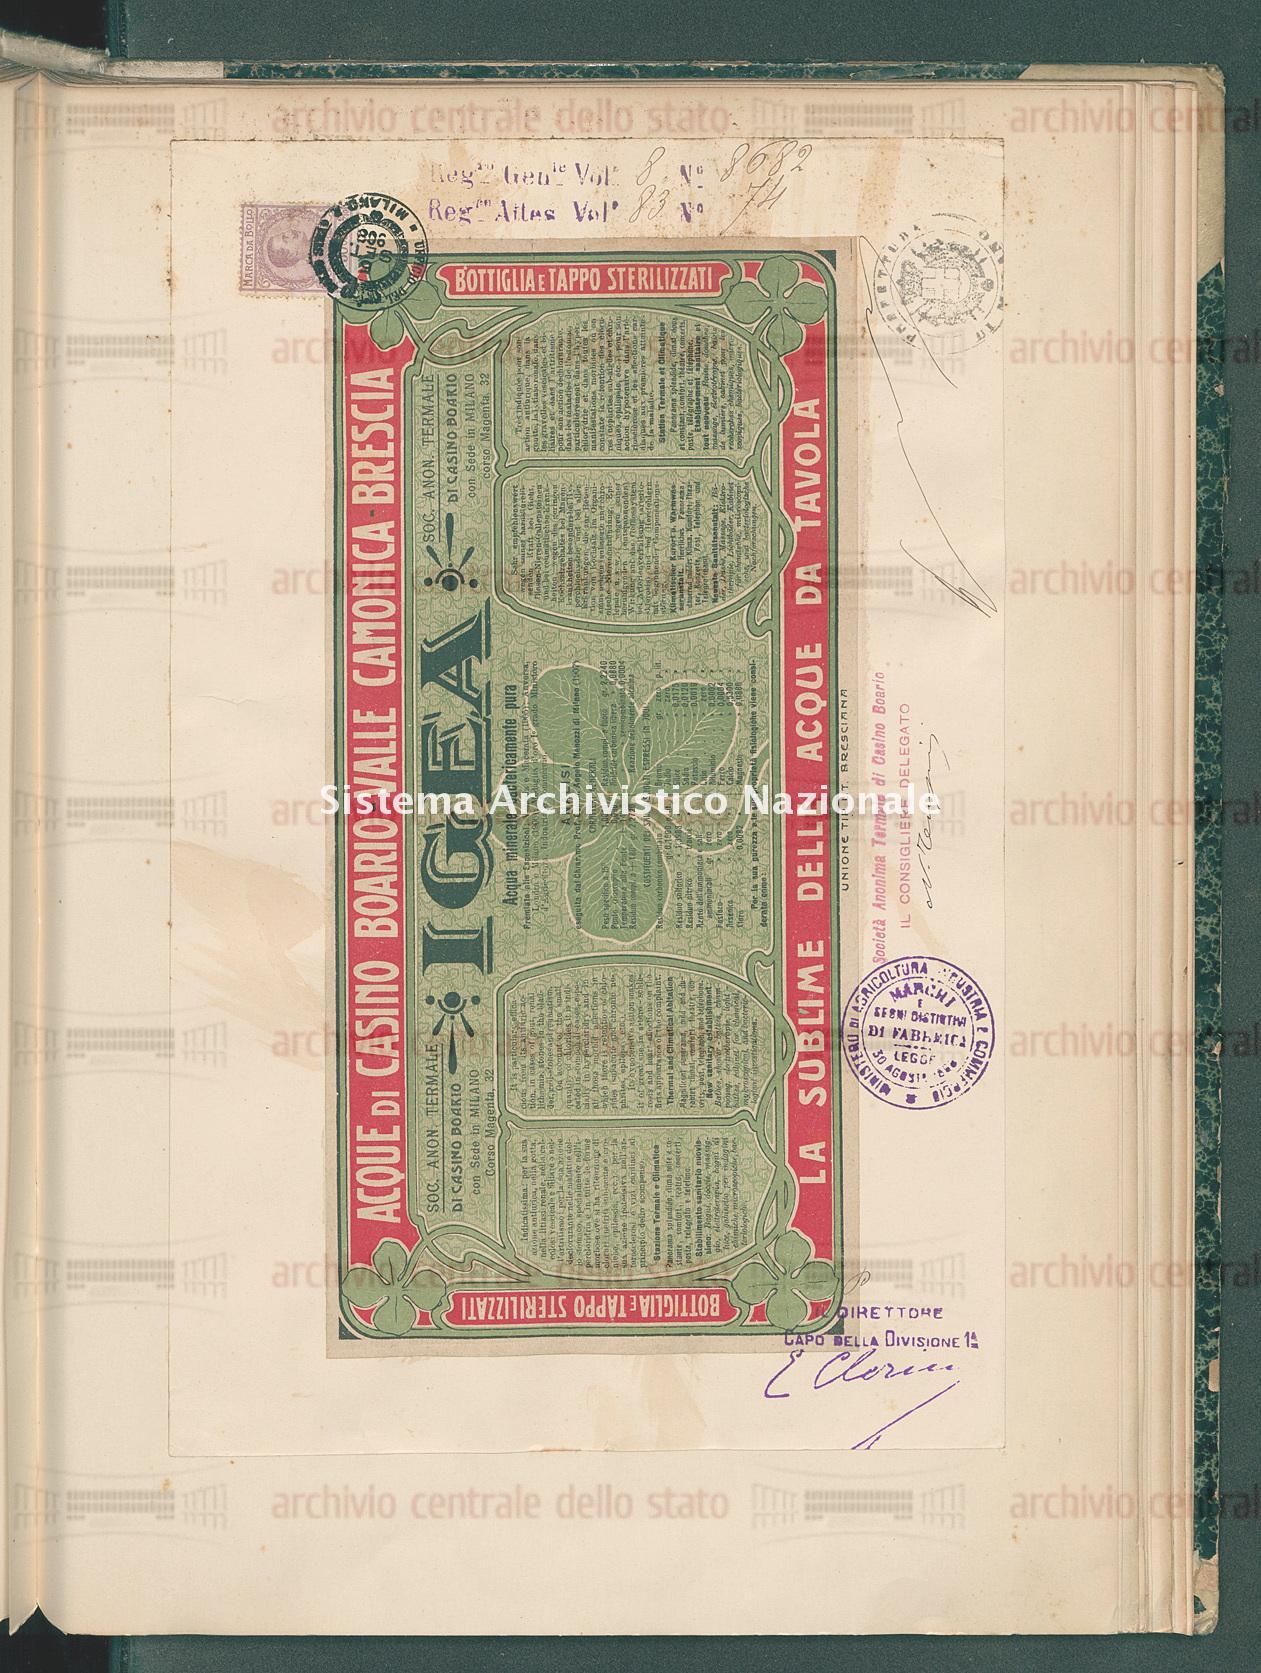 Acqua minerale Societa' Anonima Termale Casino Boario (27/10/1908)